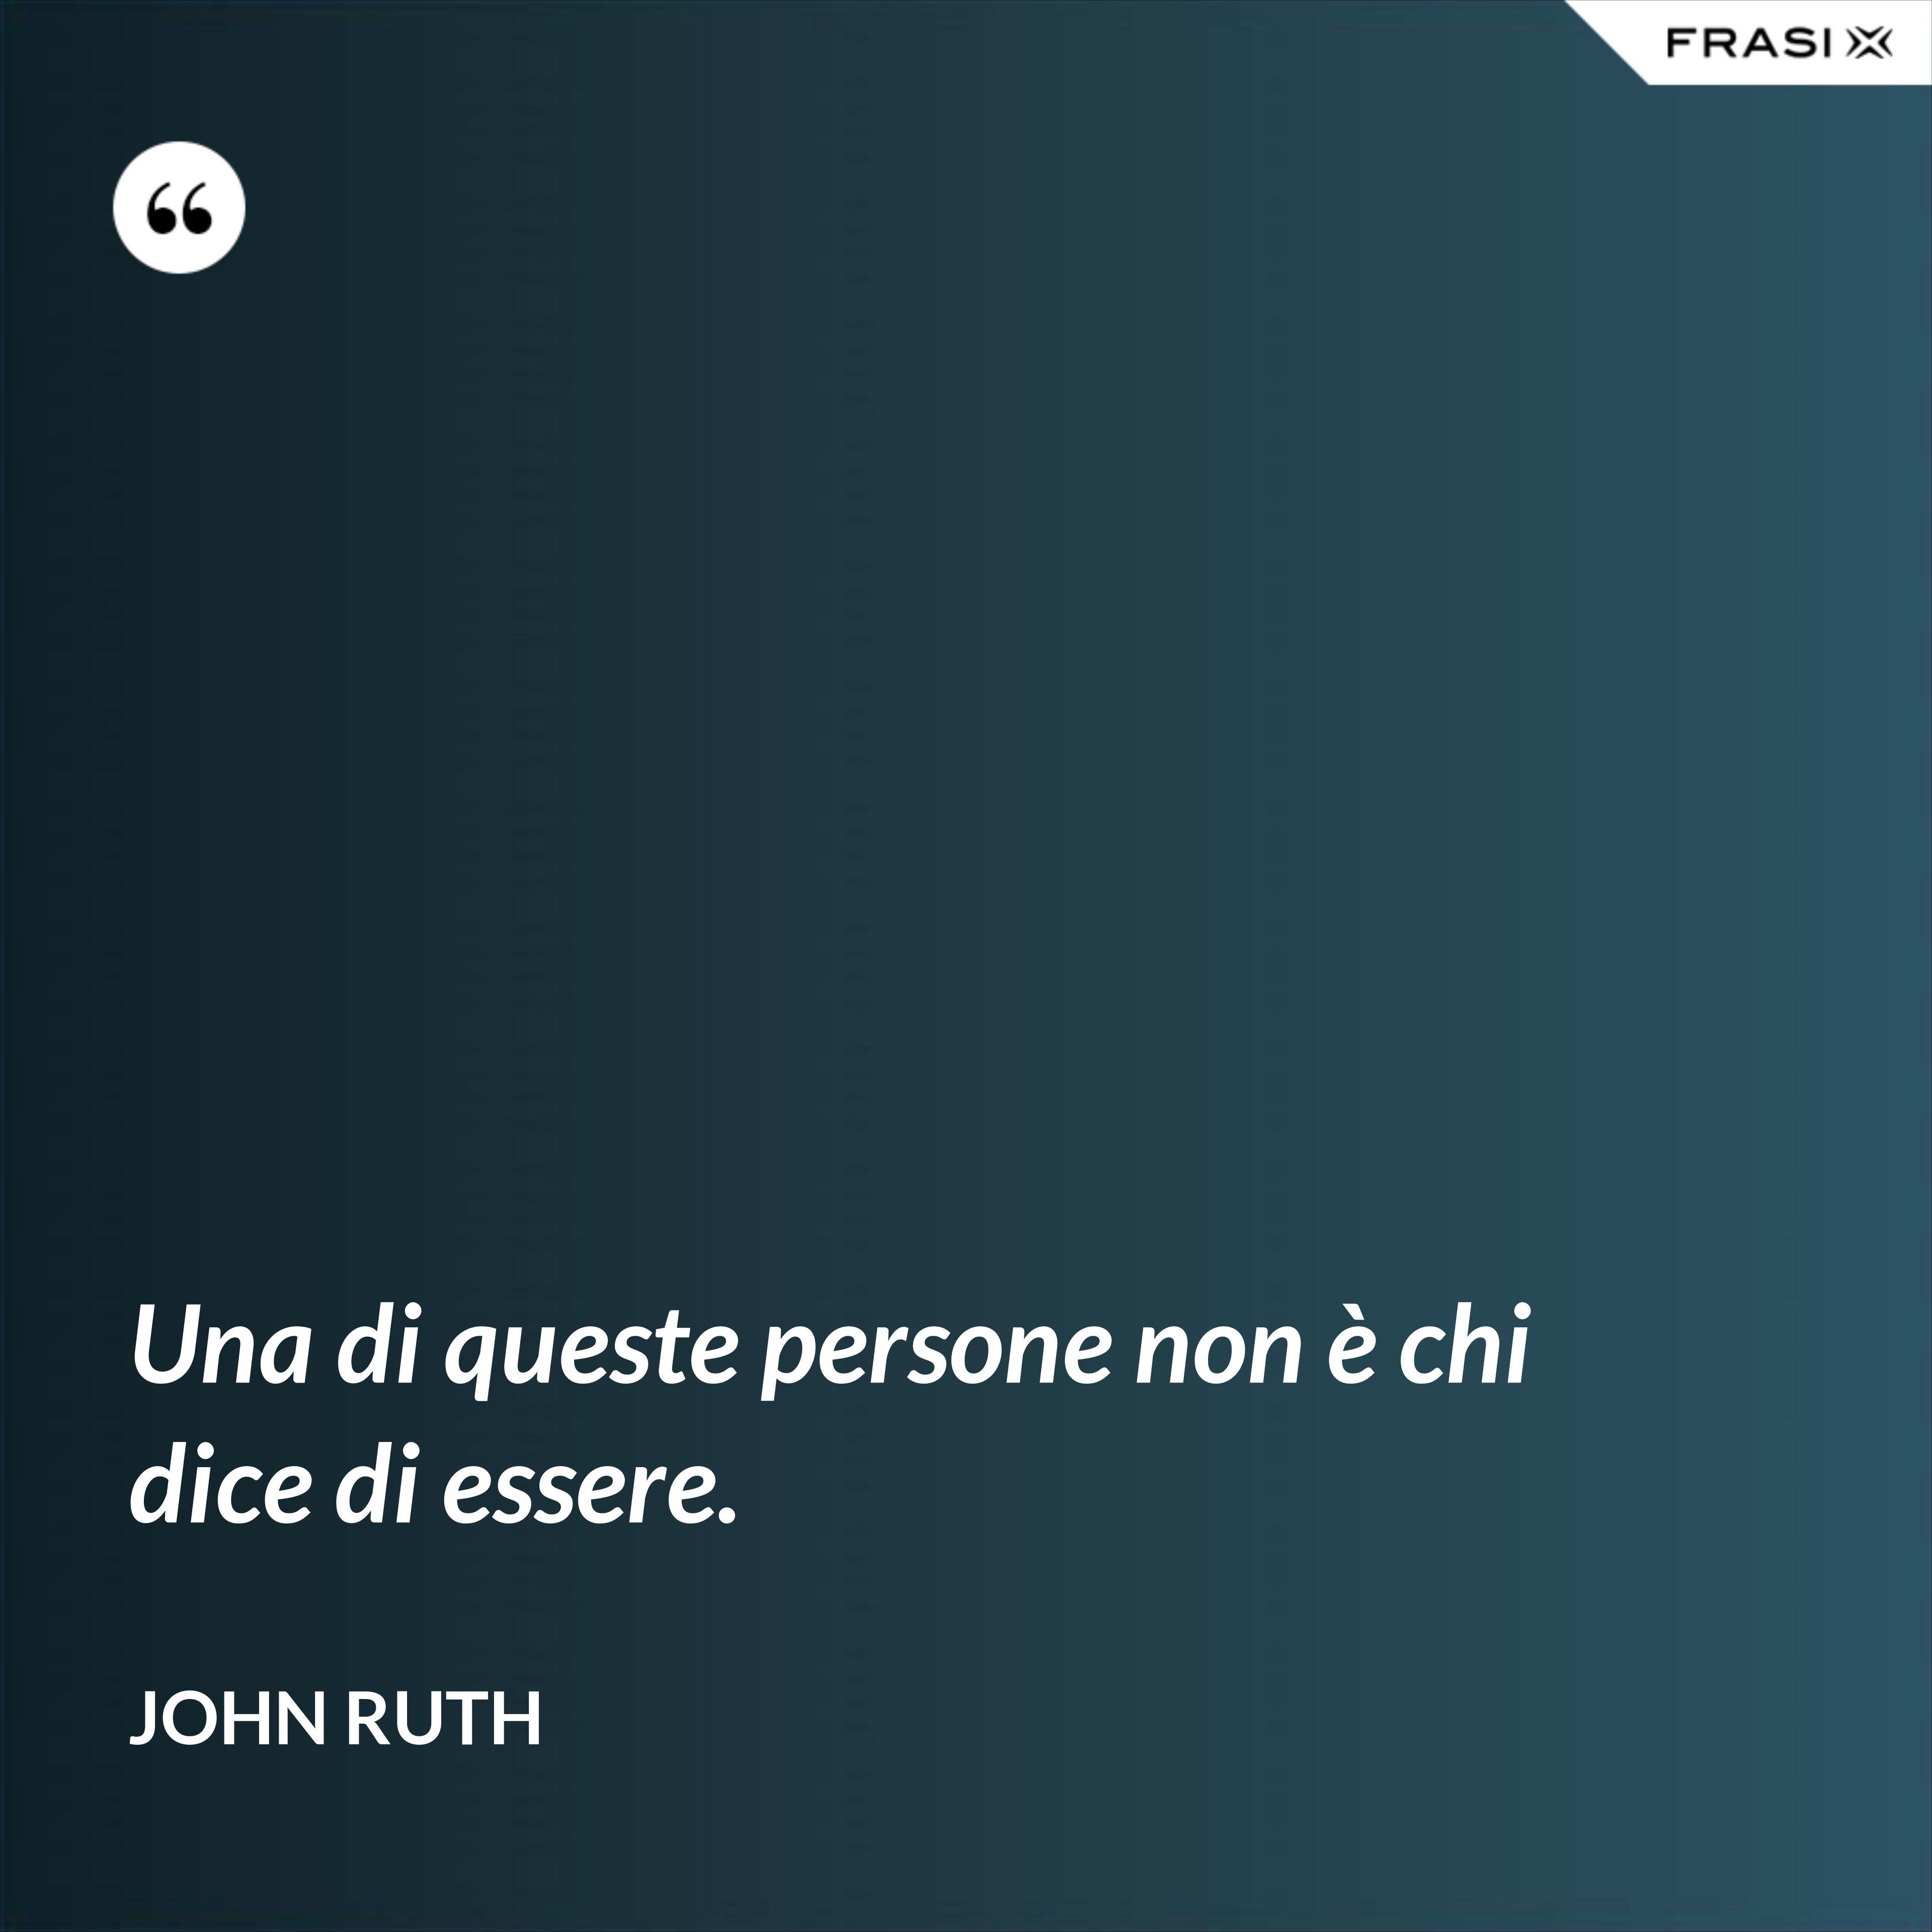 Una di queste persone non è chi dice di essere. - John Ruth